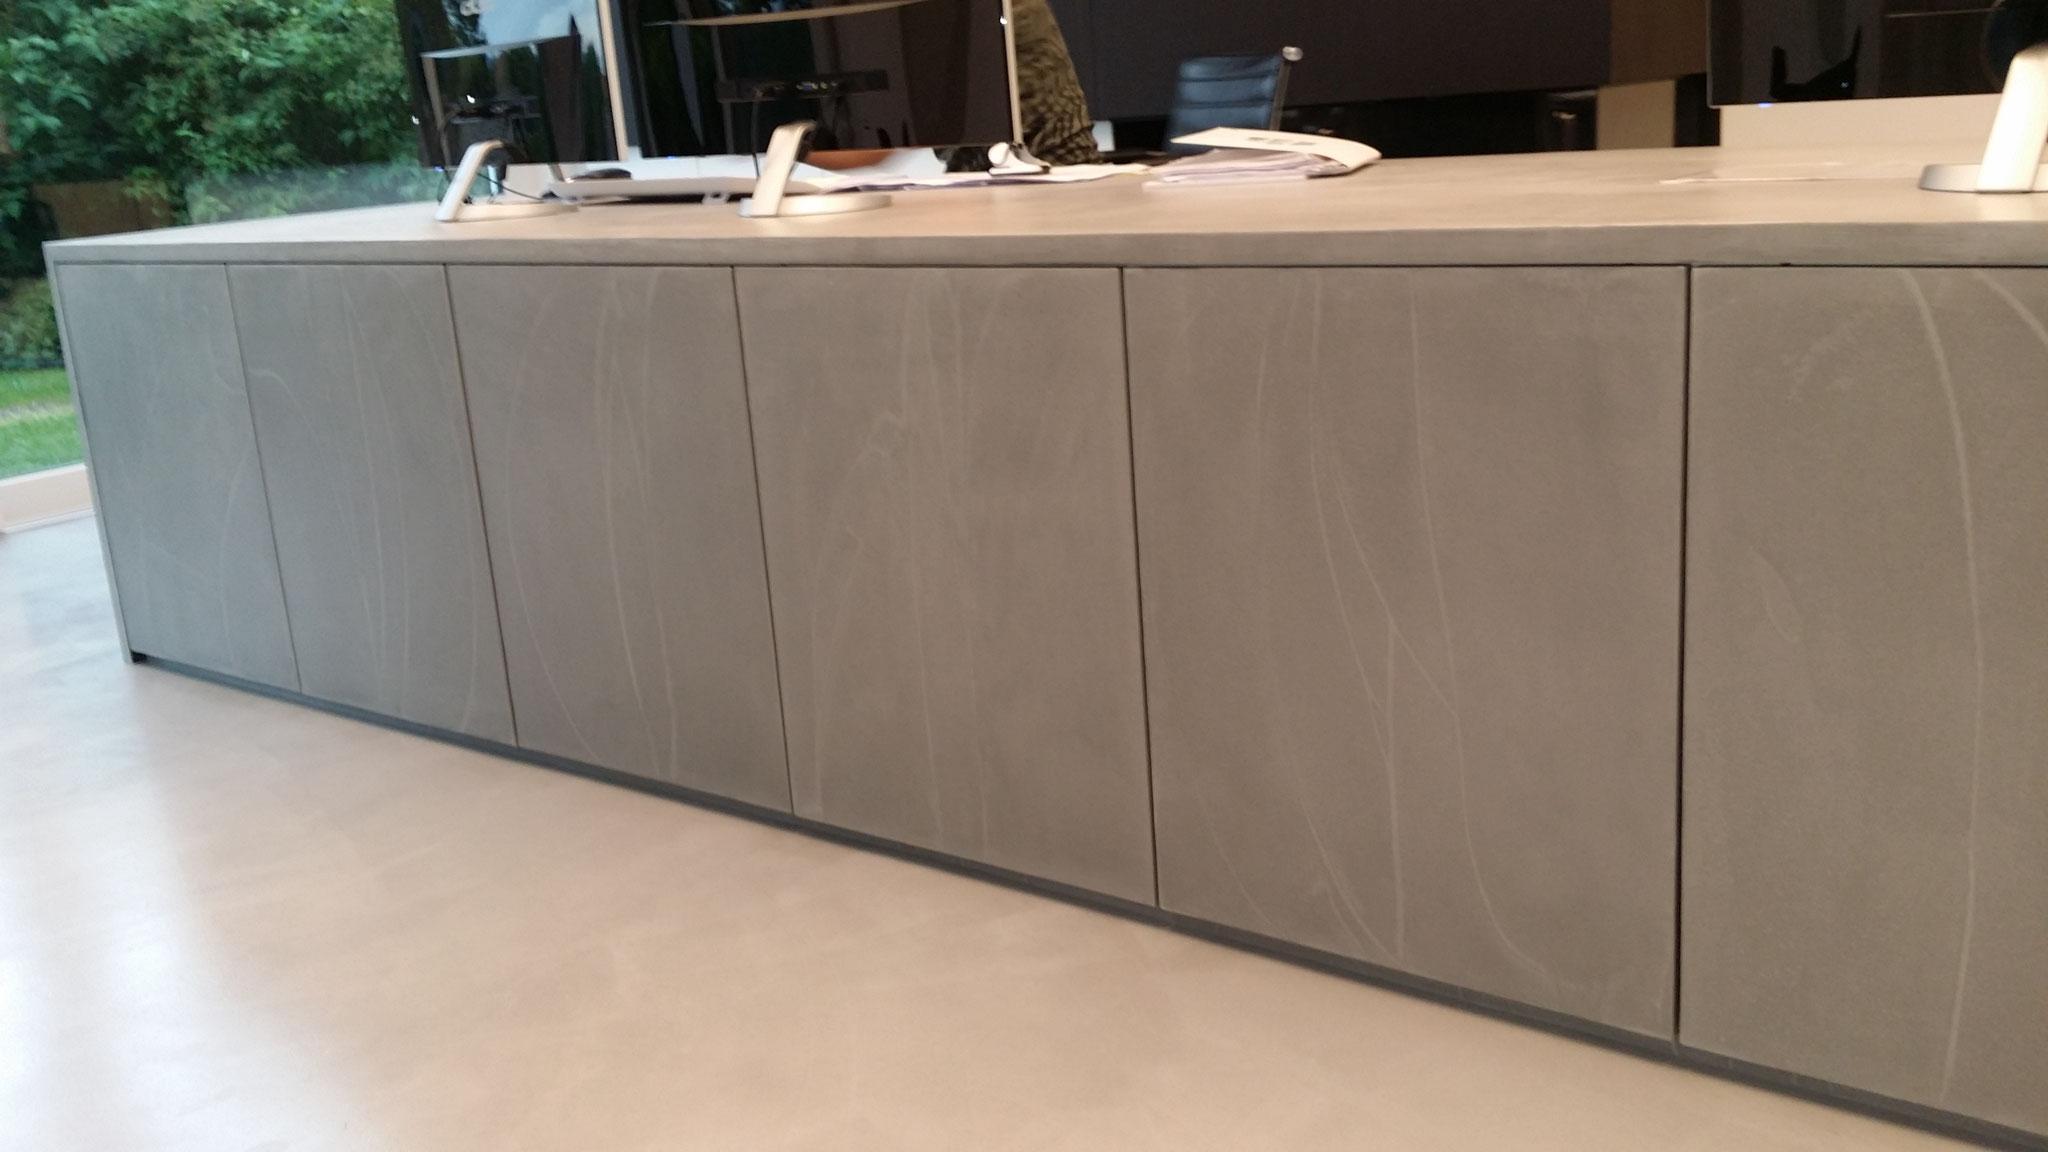 Büroeinrichtung mit Beton gespachtelt